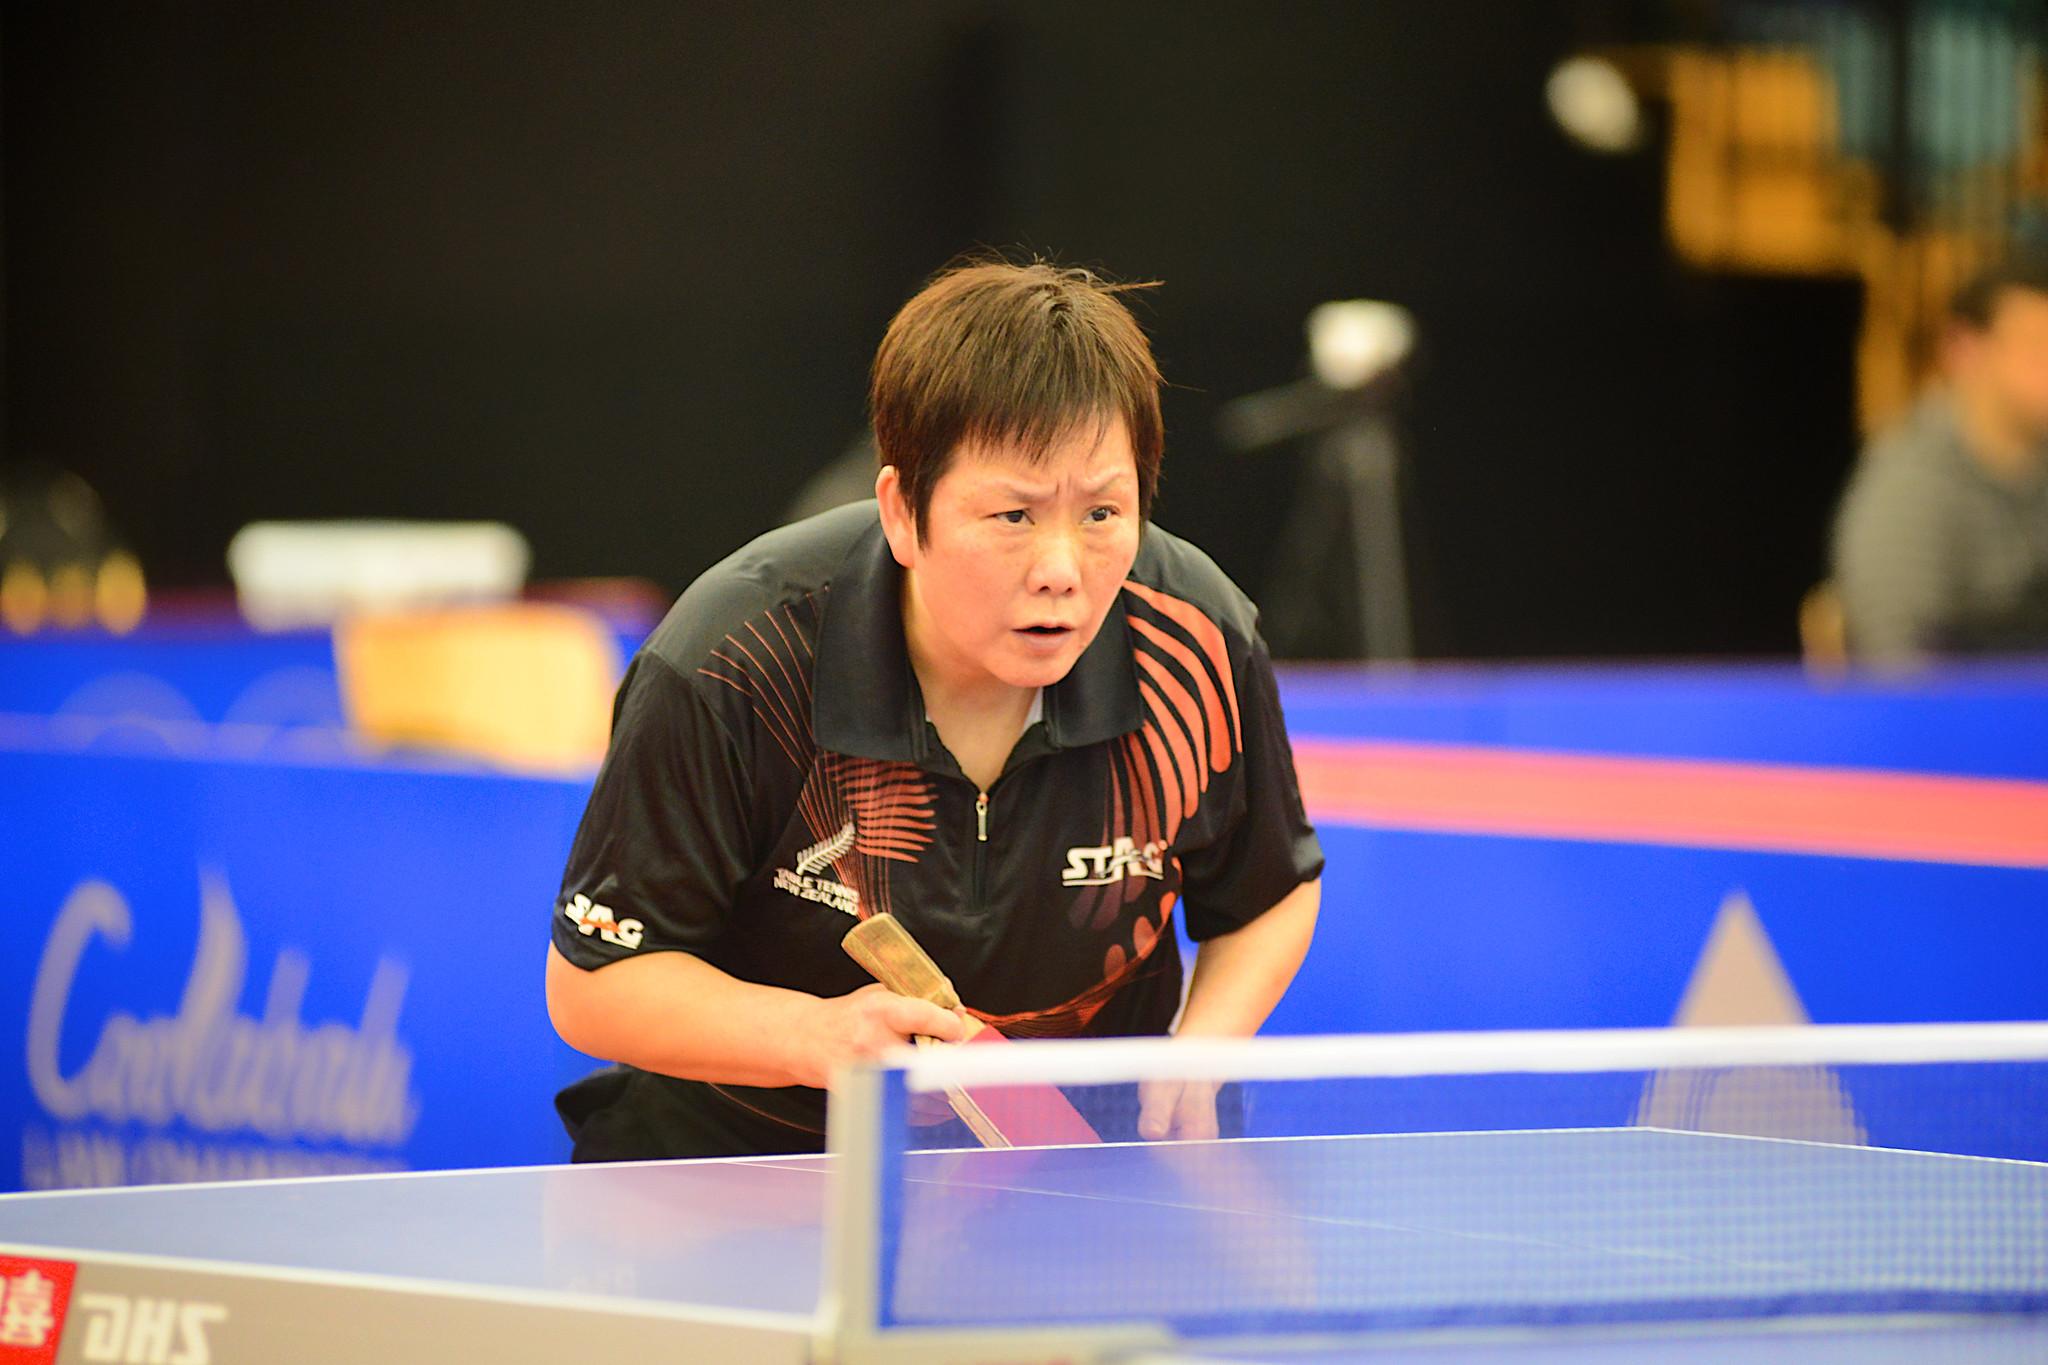 The immortal Kiwi: Li Chunli, the Olympic mission